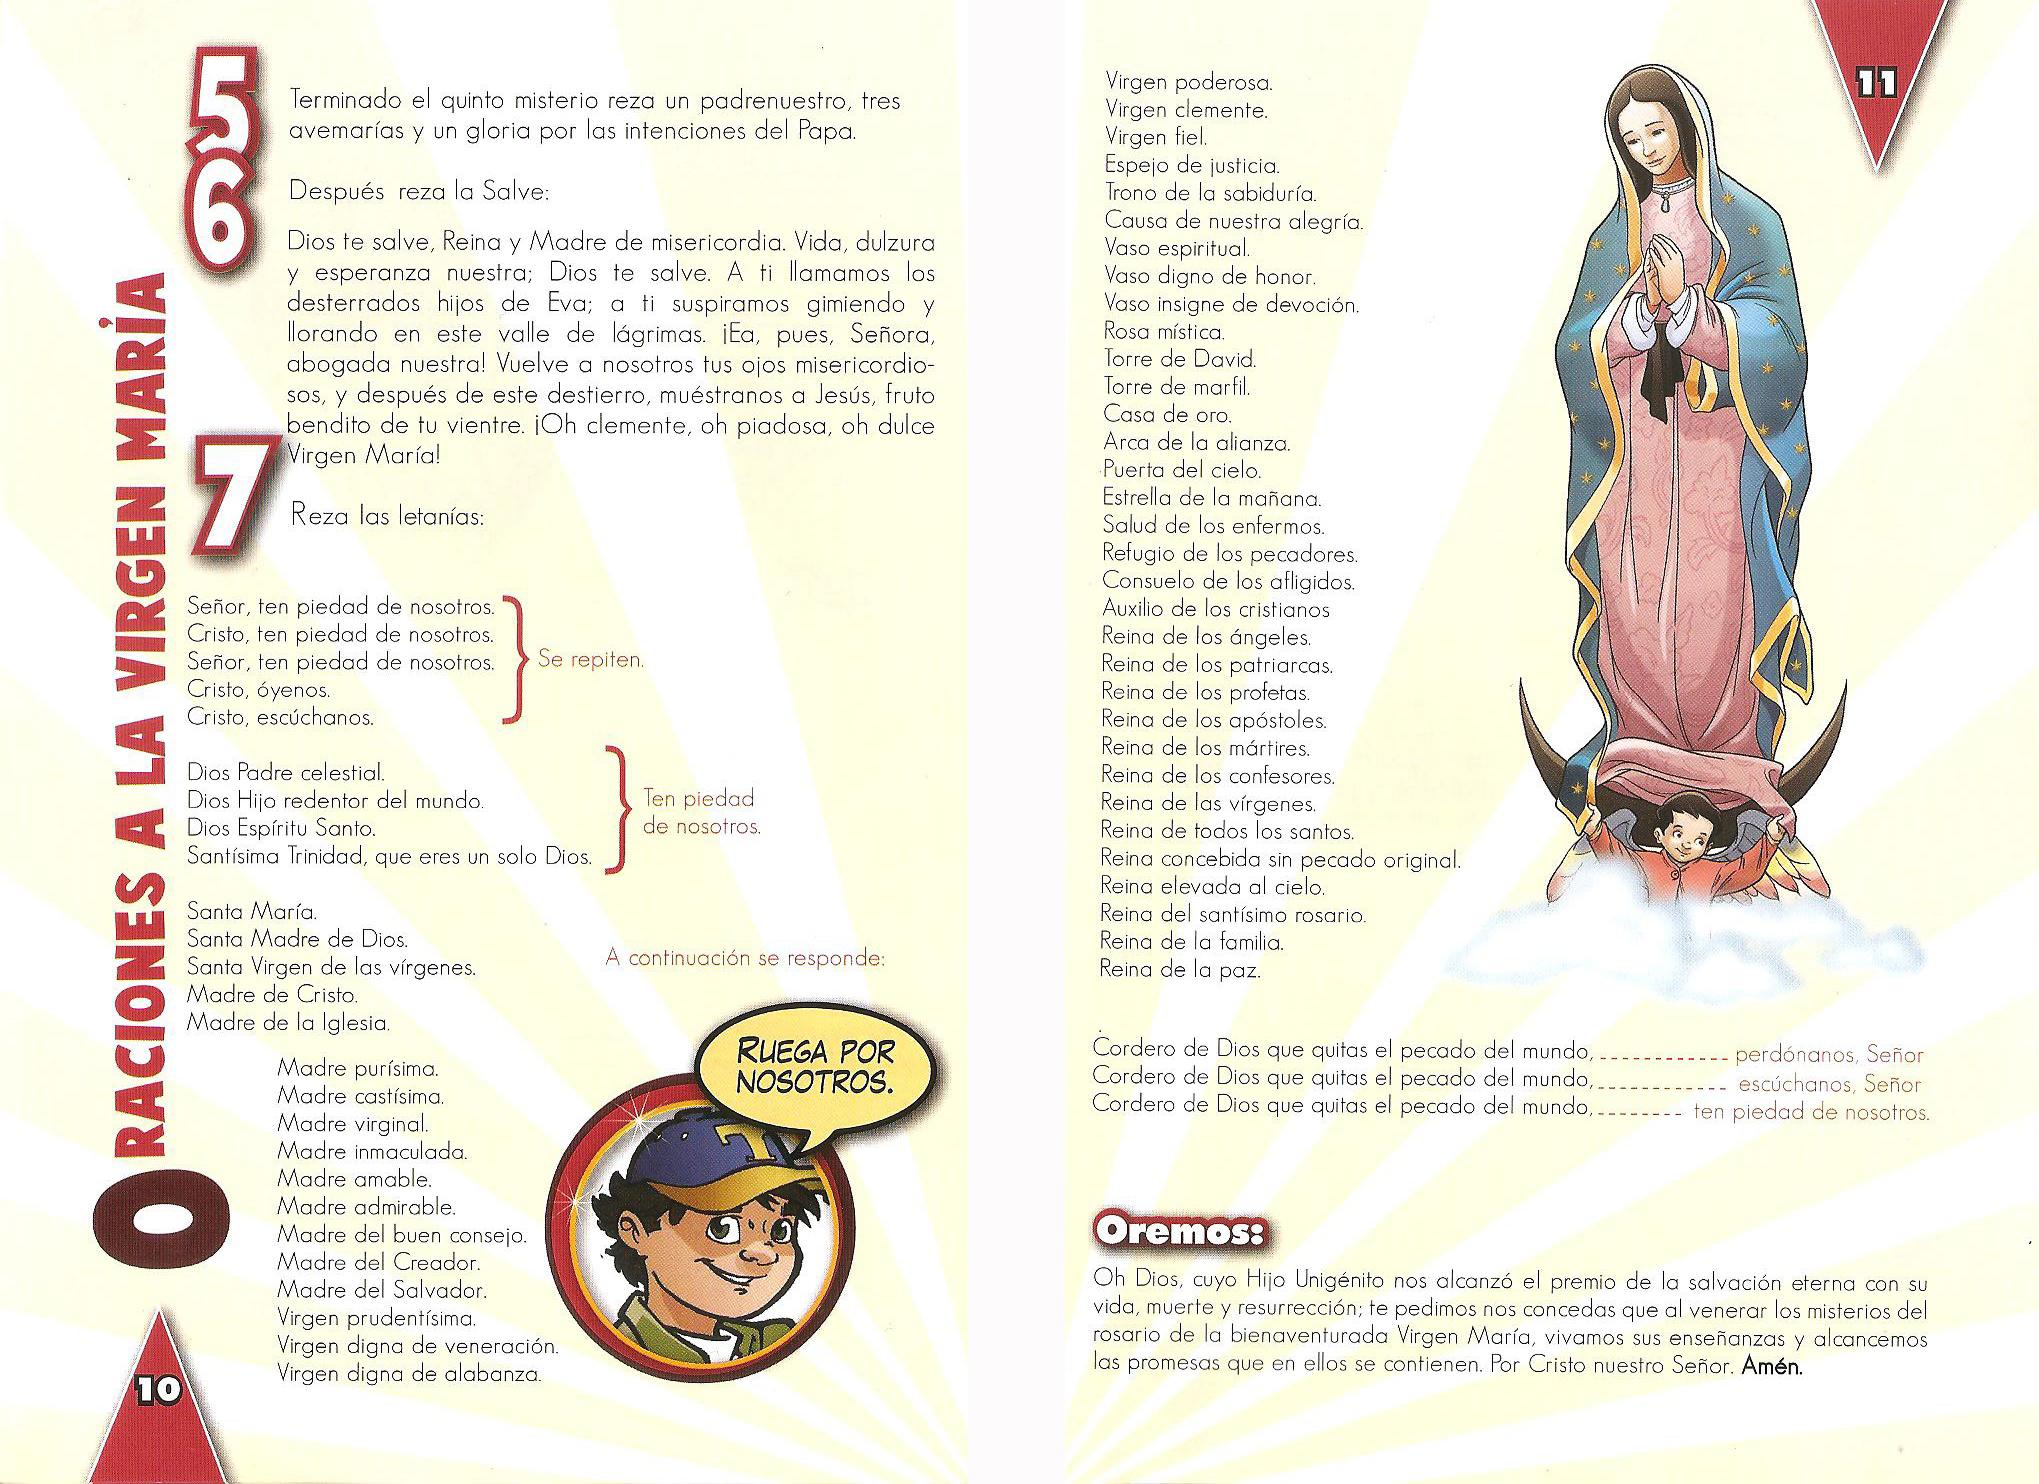 f- Letanías a la Virgen María